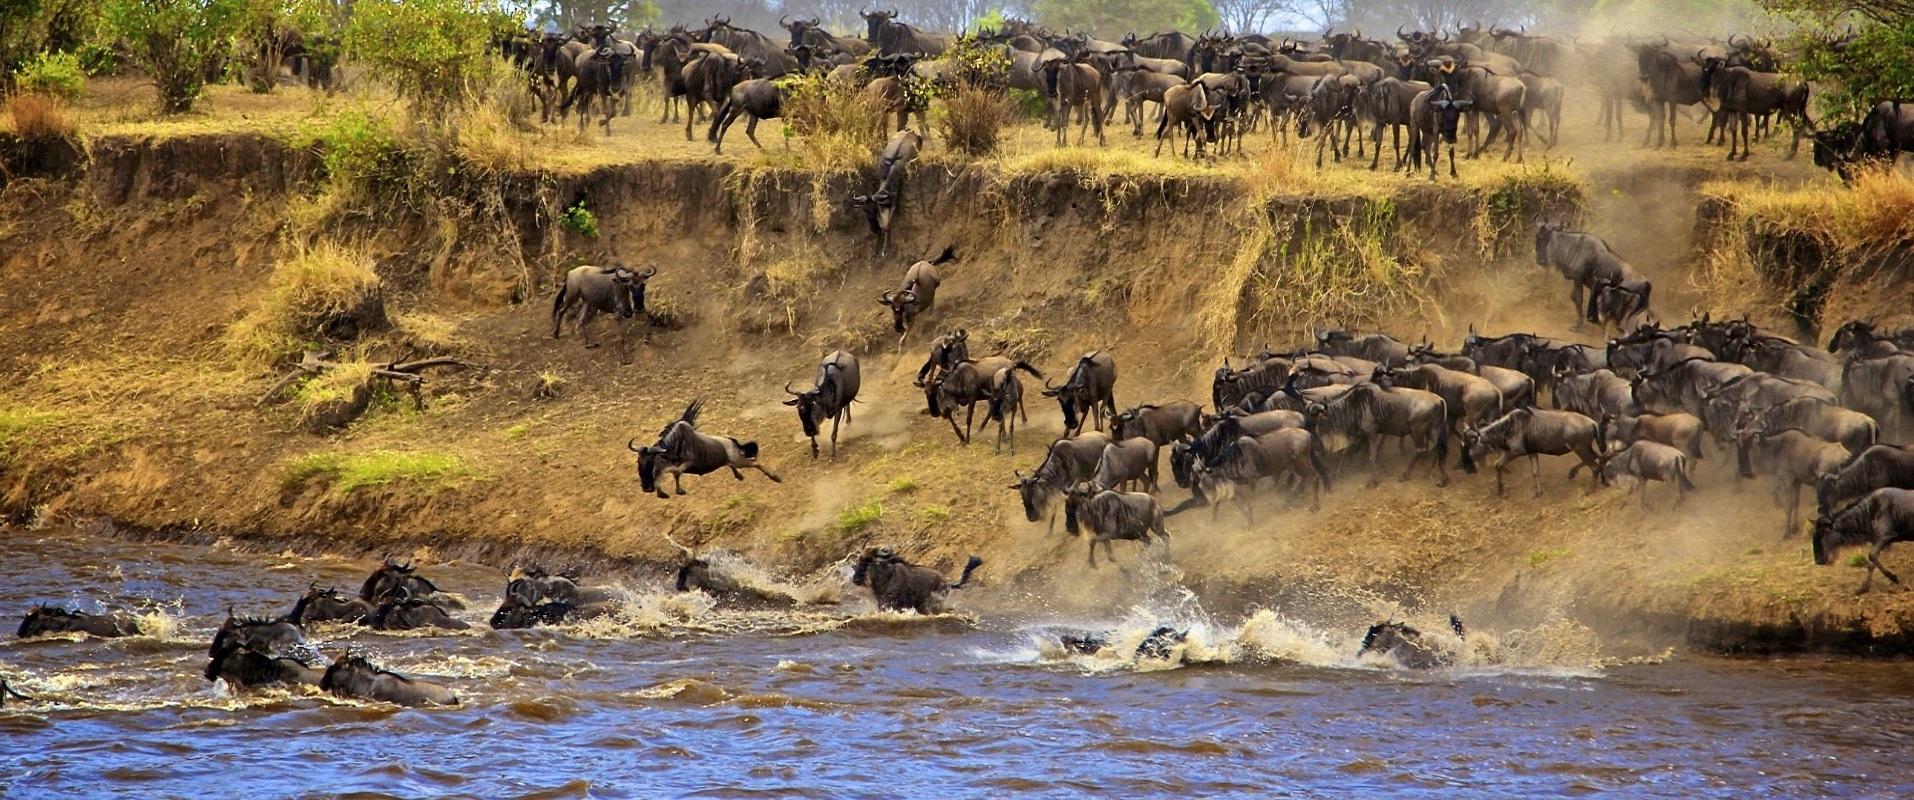 03 days Masai mara safari tour